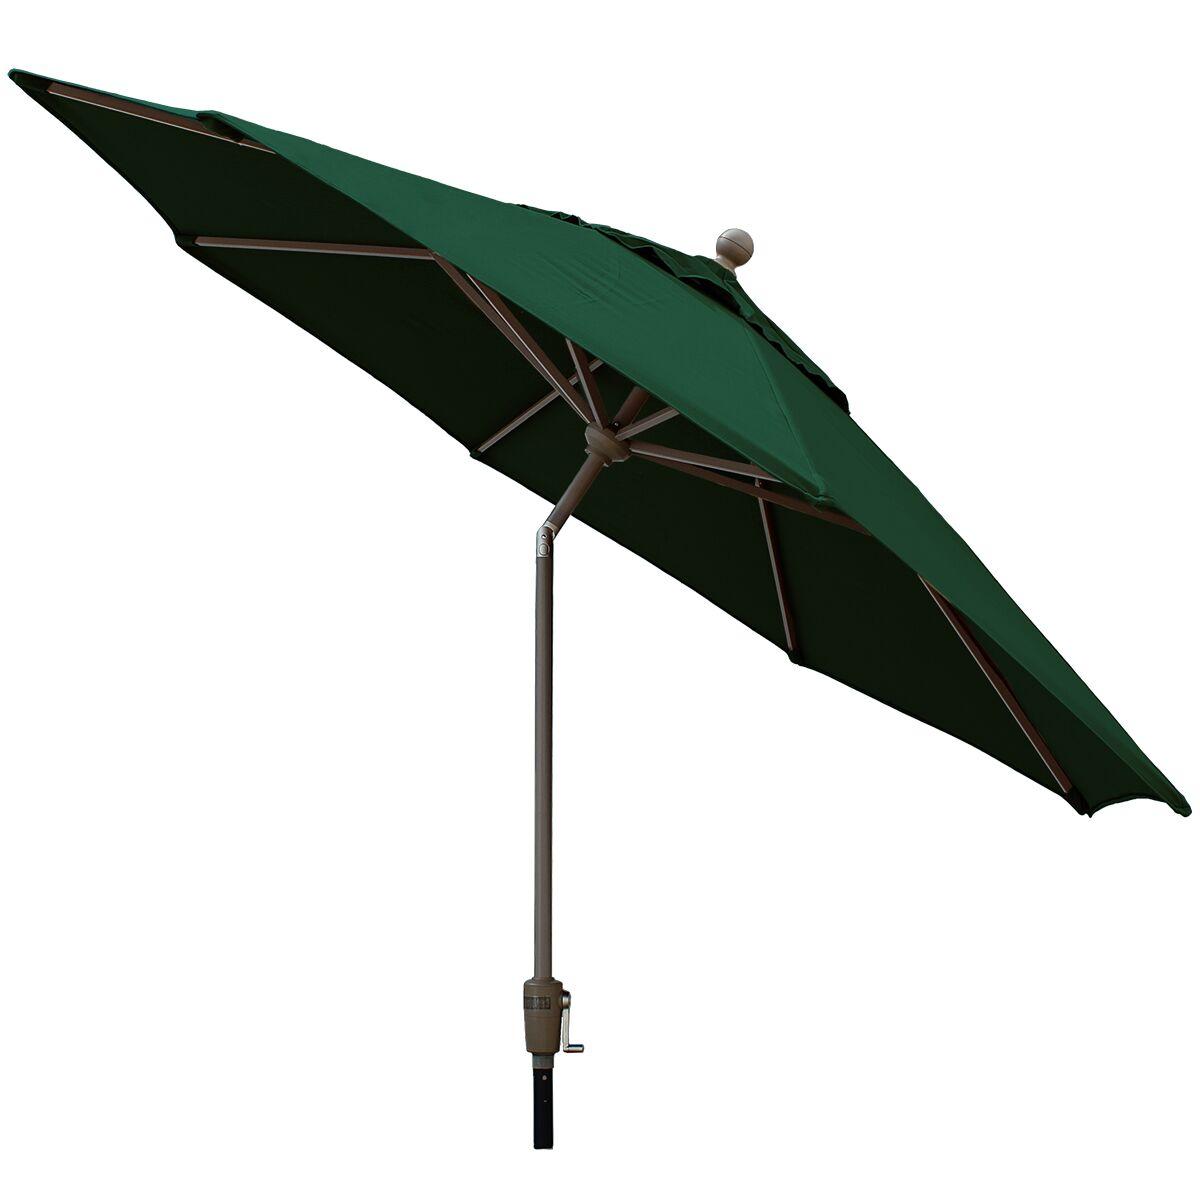 Sunbrella 9' Market Umbrella Color: Forest Green